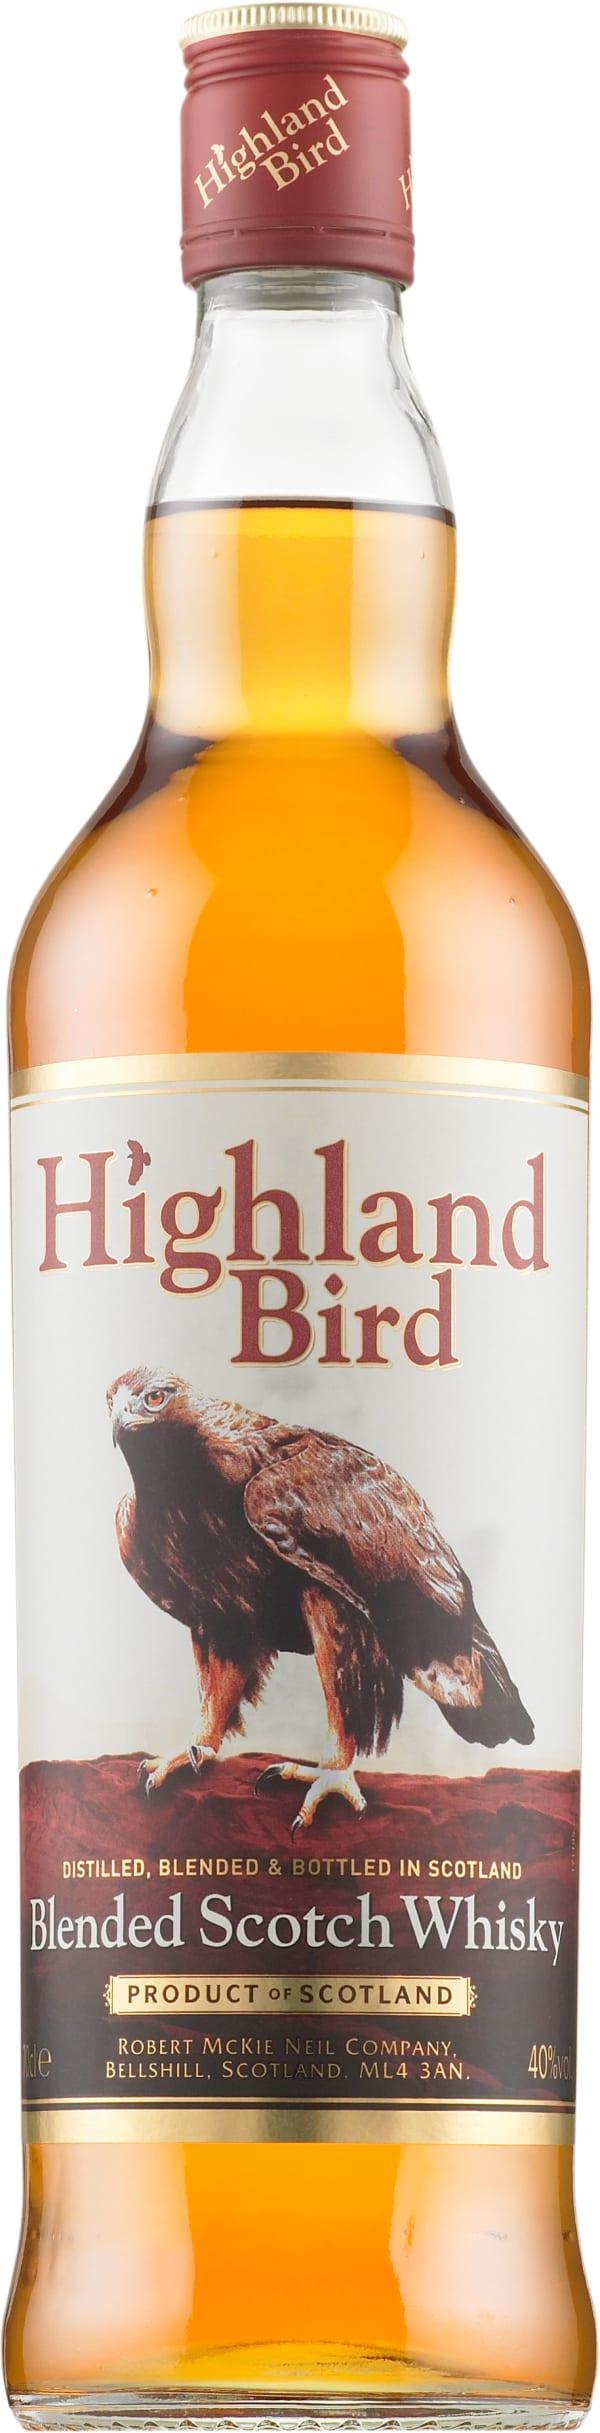 Highland Bird